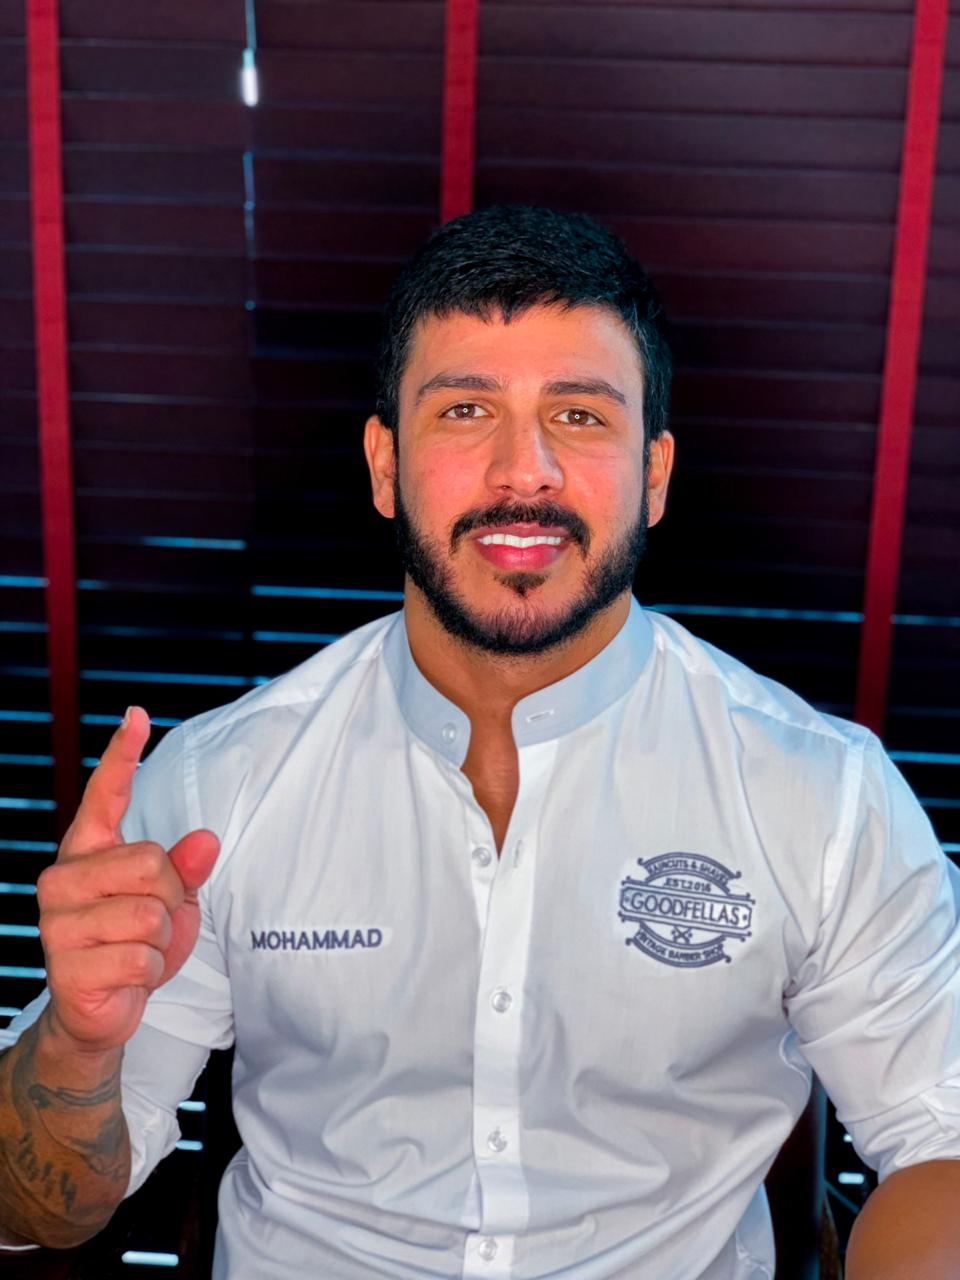 Barber Mohamed